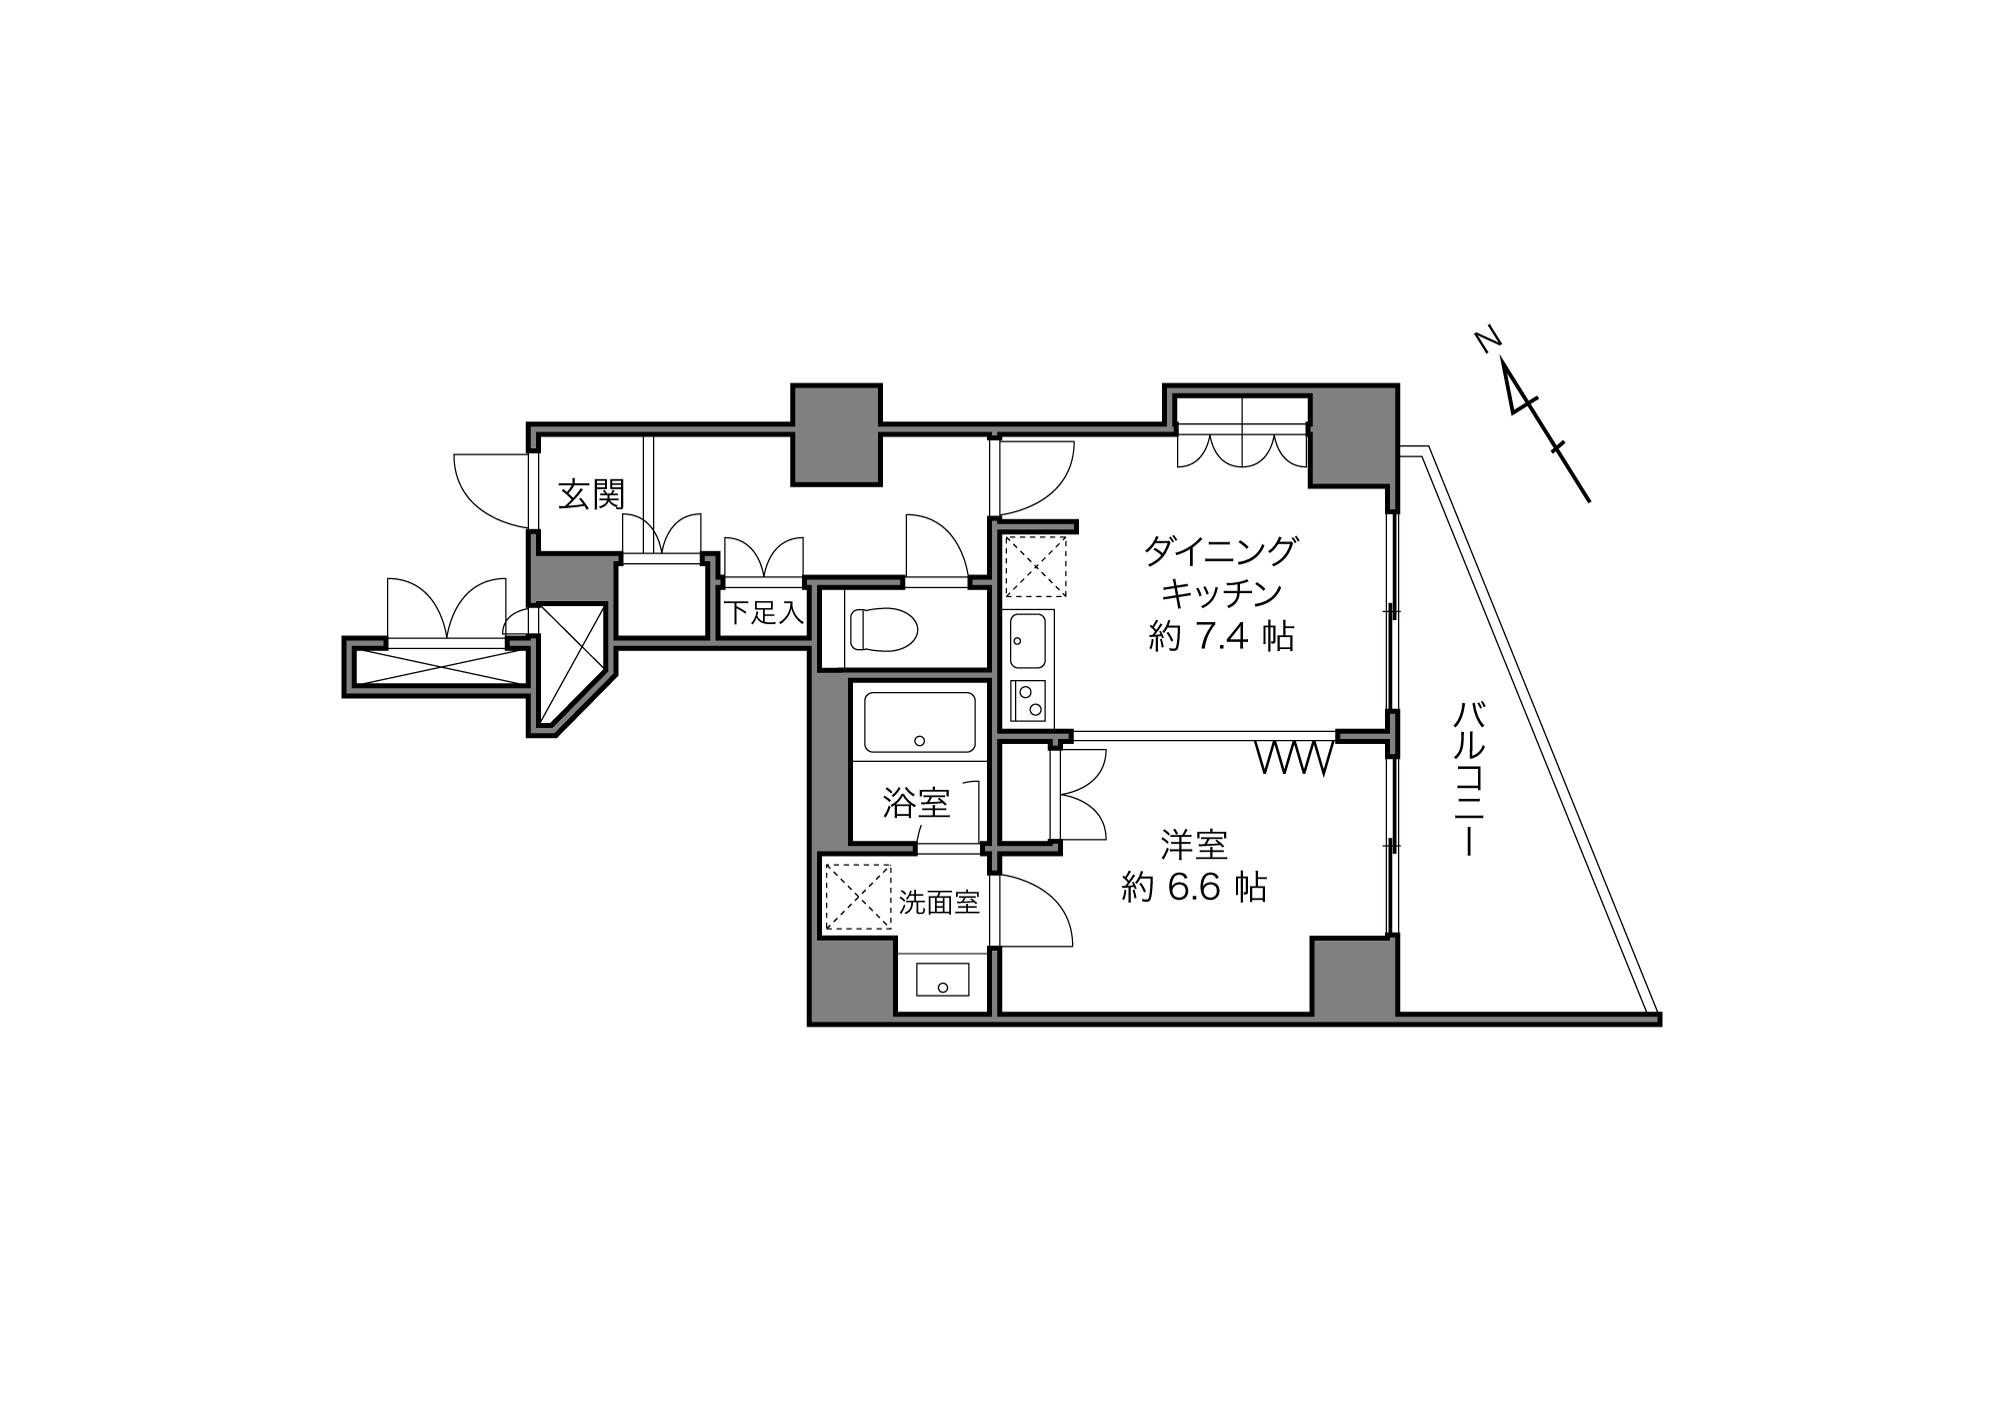 五反田駅 / 1DK / 41.66㎡